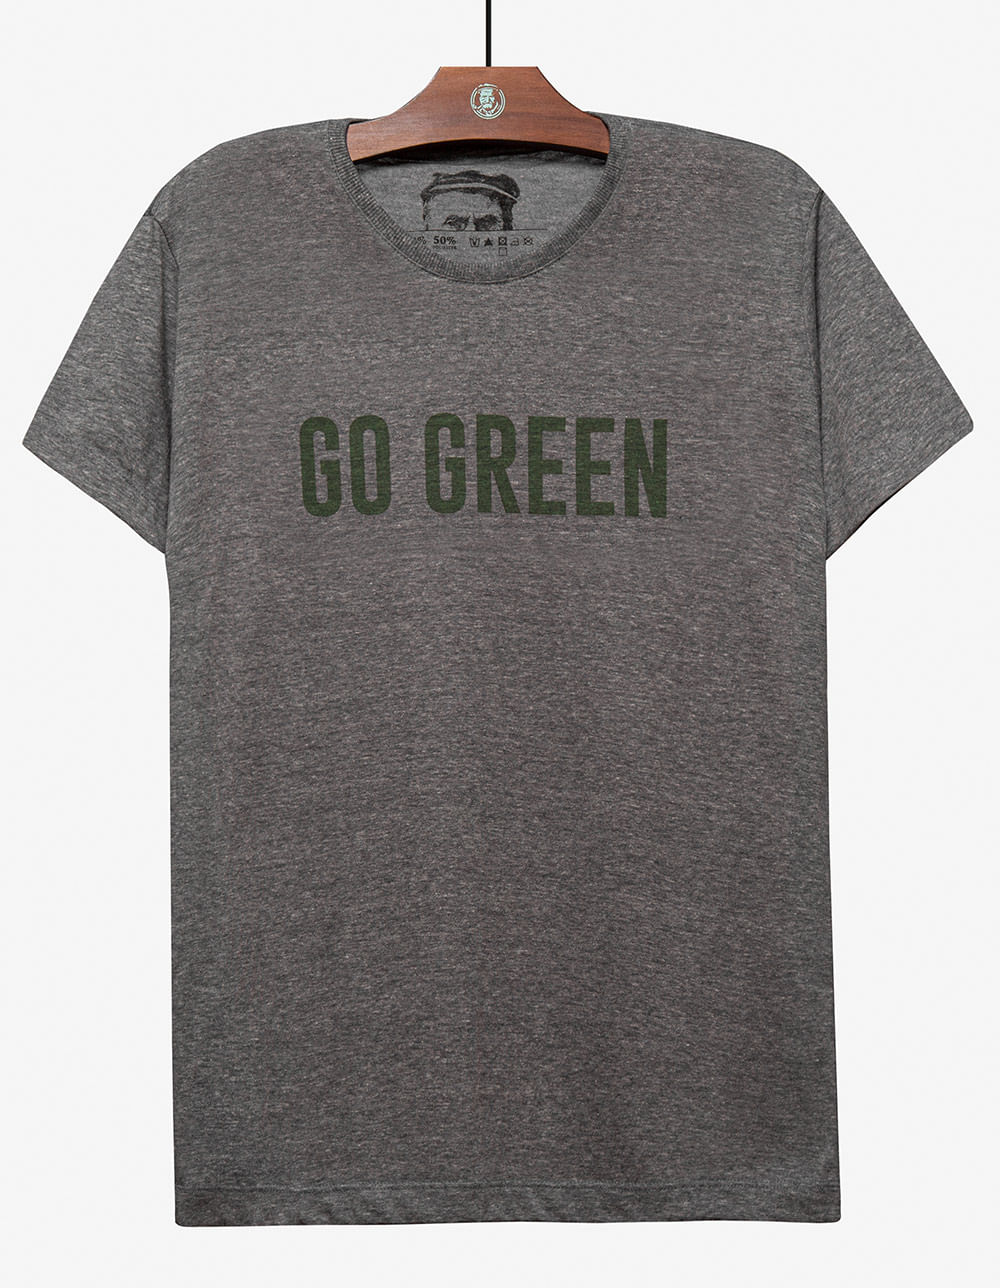 T-SHIRT GO GREEN 104595